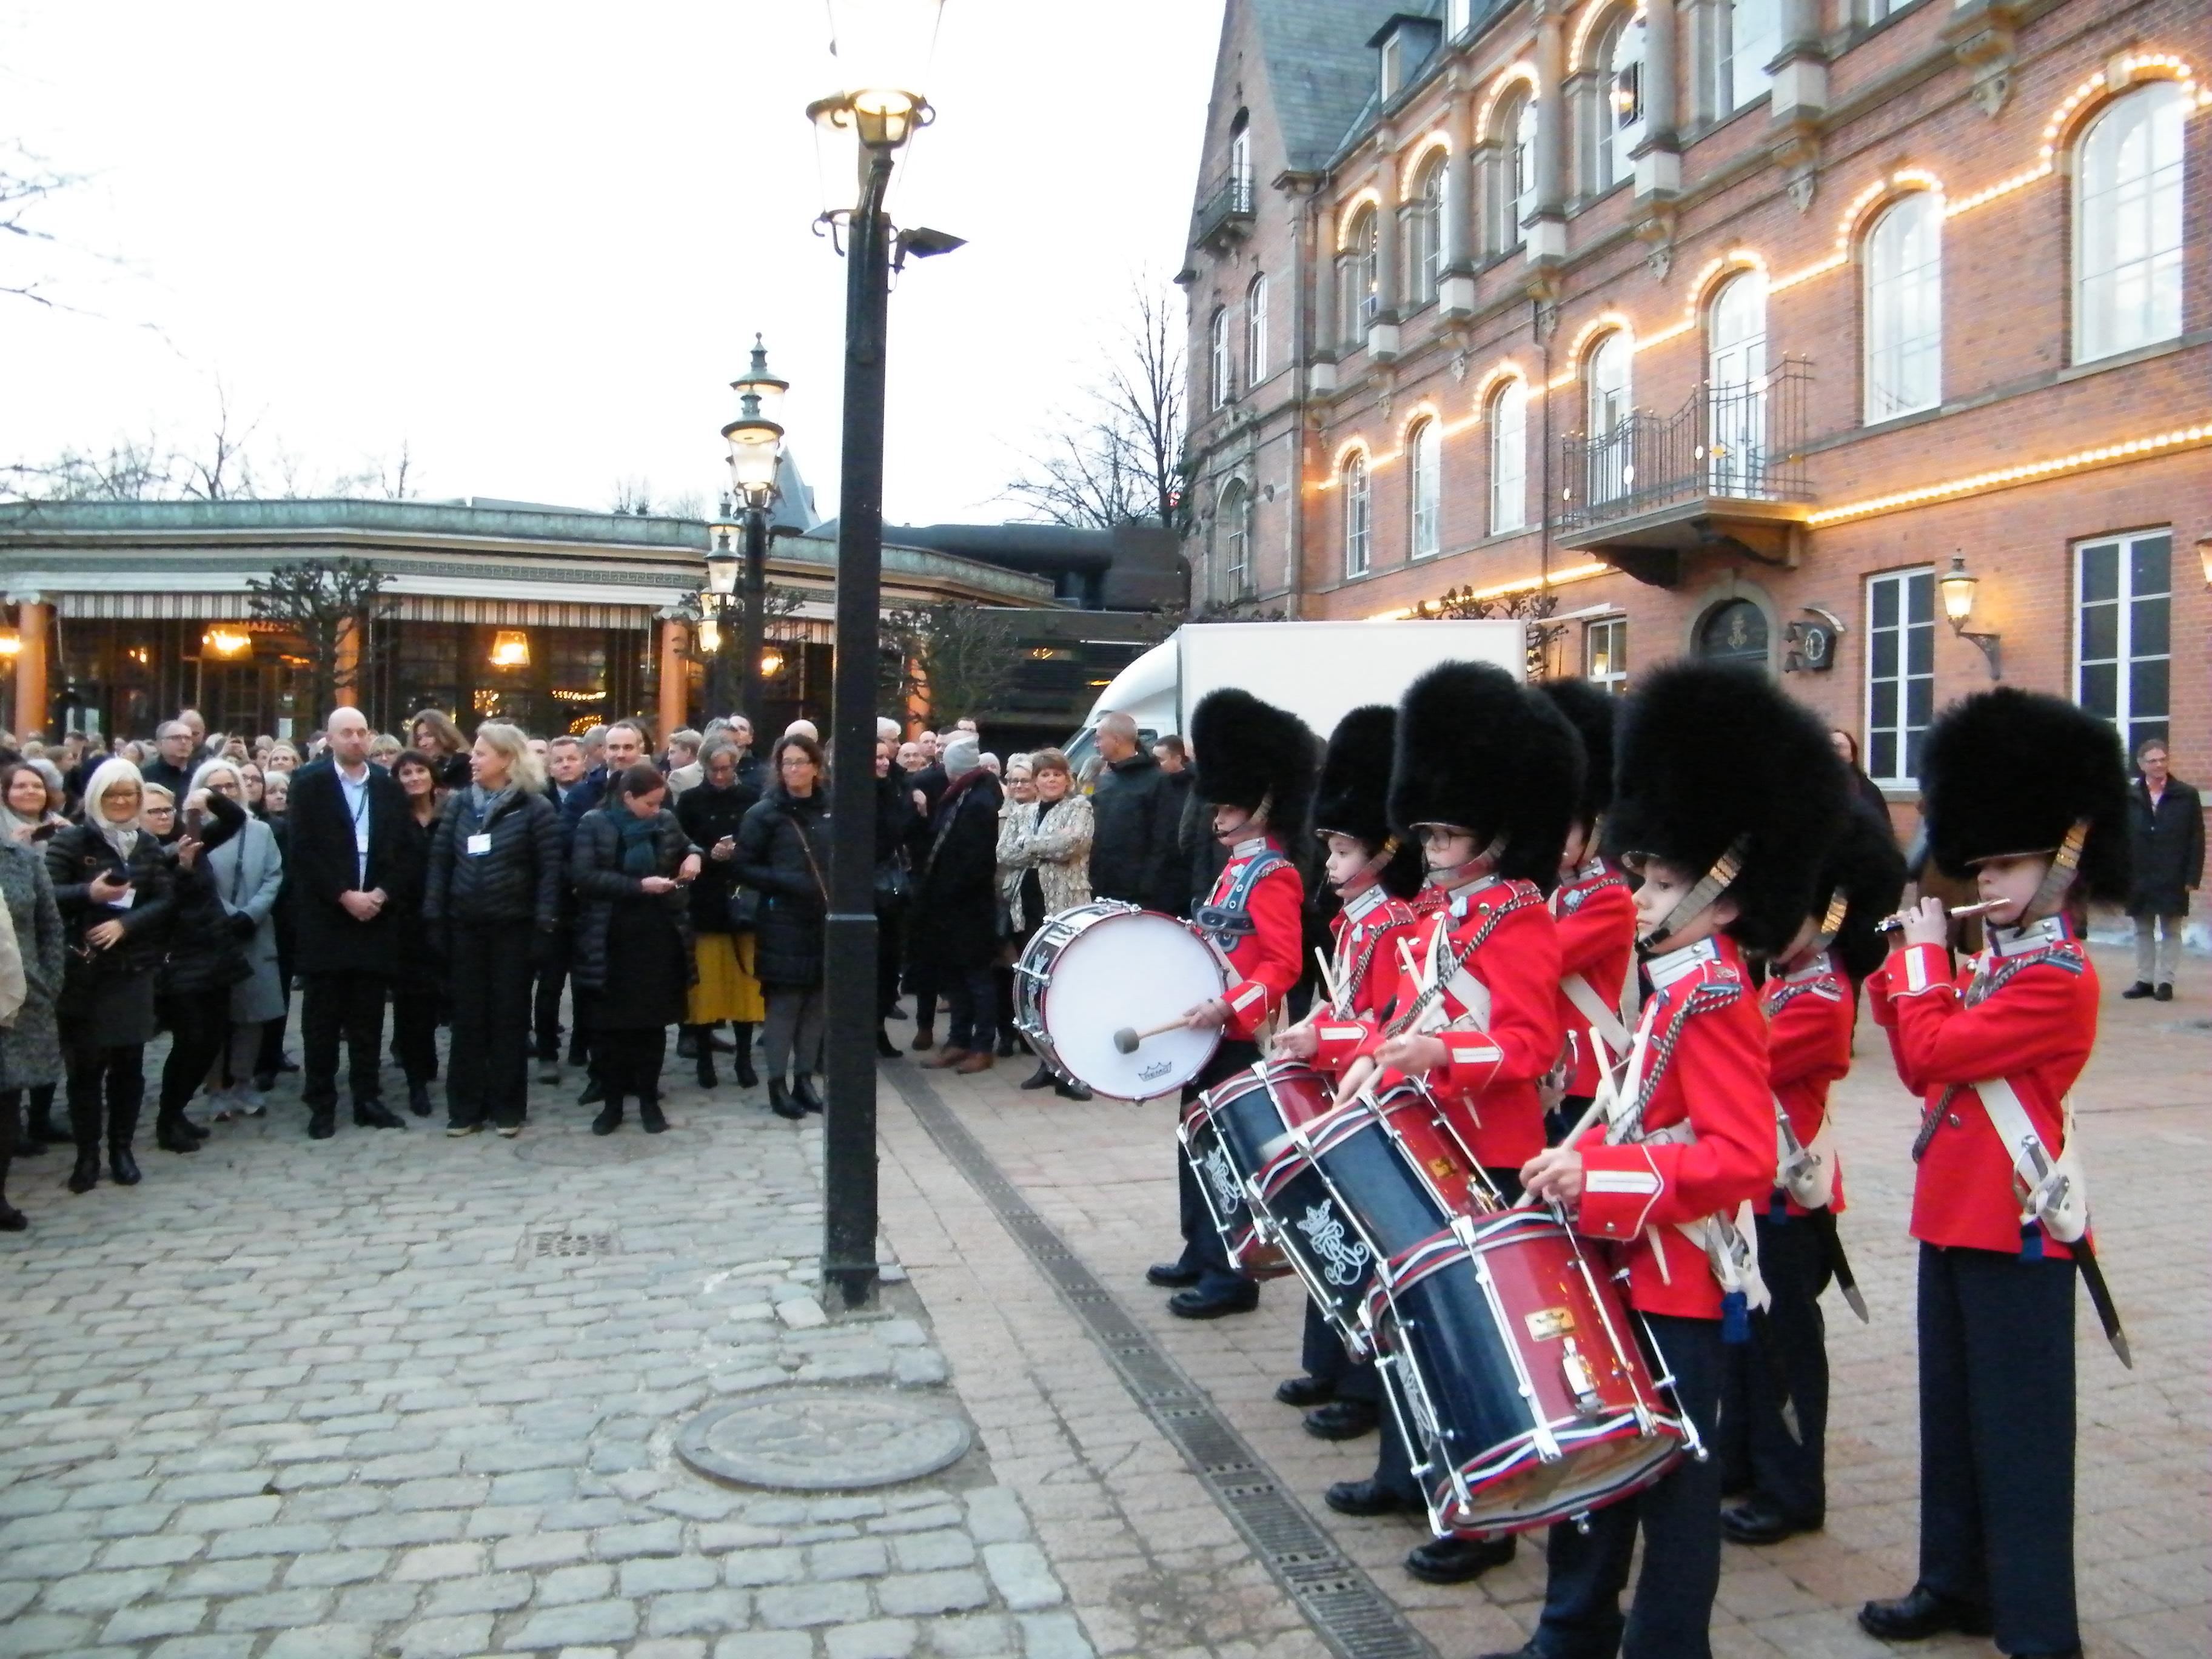 Festaftenen med uddelingen af Nordic Business Travel Awards 2019 blev holdt i det vinterlukkede Tivoli – de mange deltagere blev eskorteret til H.C. Andersen Slottet af otte medlemmer af Tivoli Garden, der mødte deltagerne foran Tivolis Hovedindgang. Foto: Henrik Baumgarten.